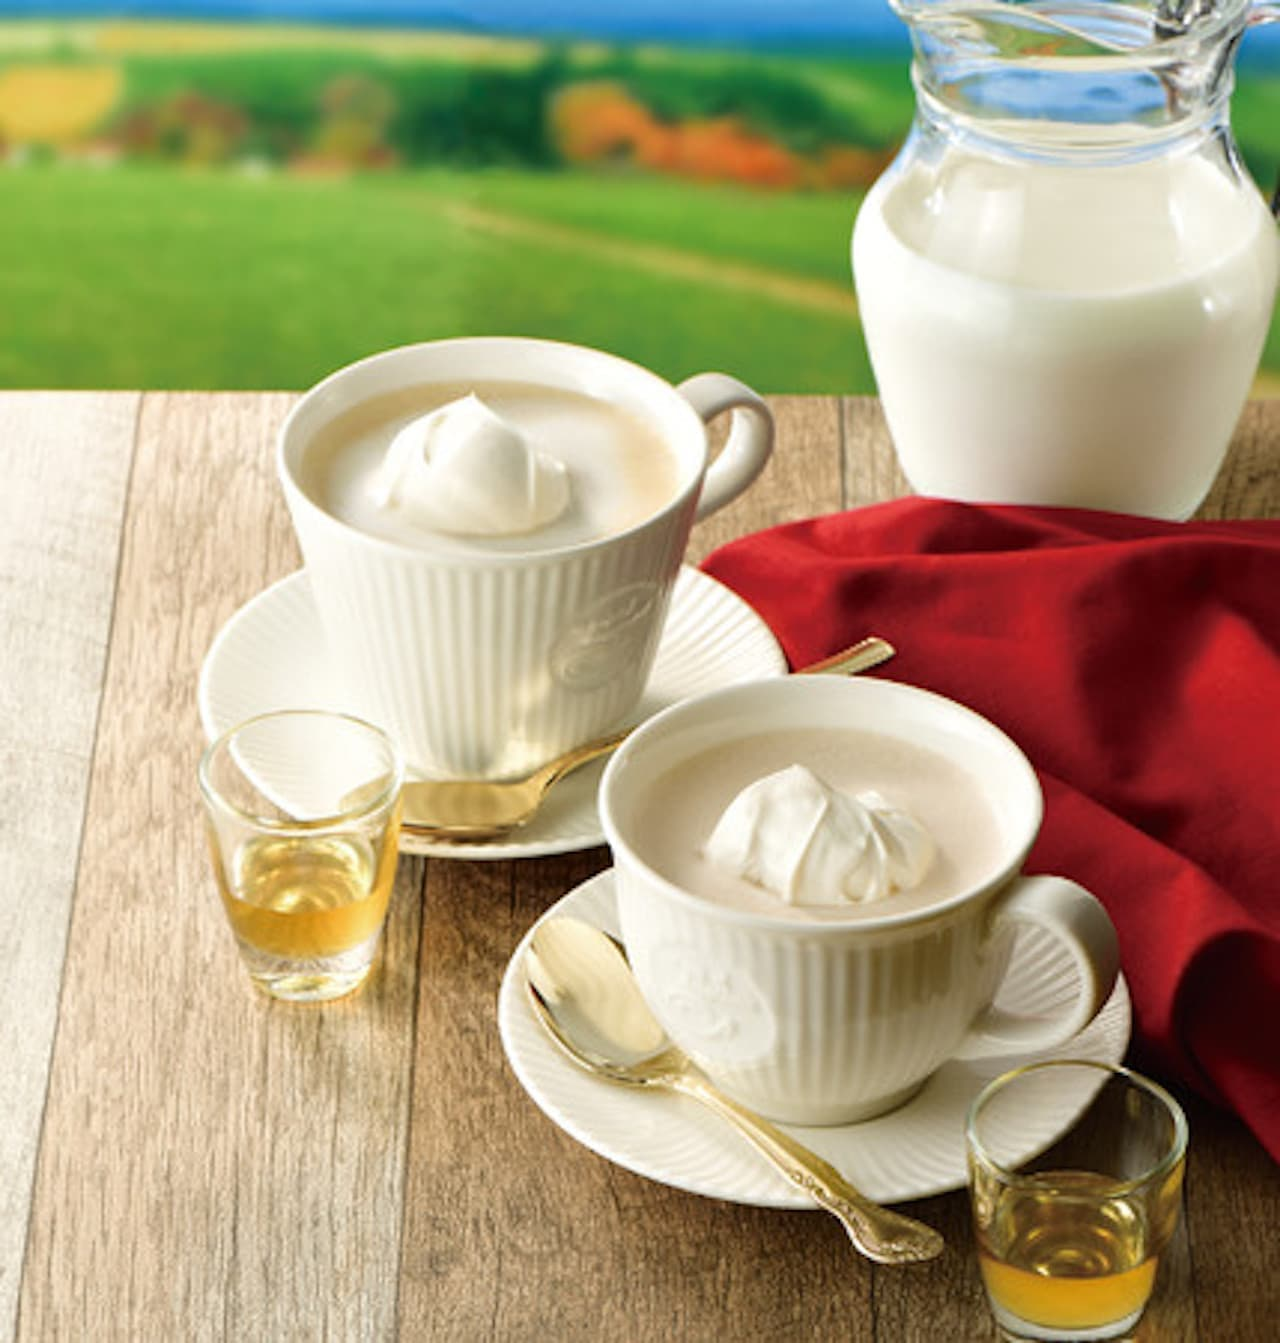 カフェ・ド・クリエから「とろける北海道ミルクコーヒー~はちみつ添え~」